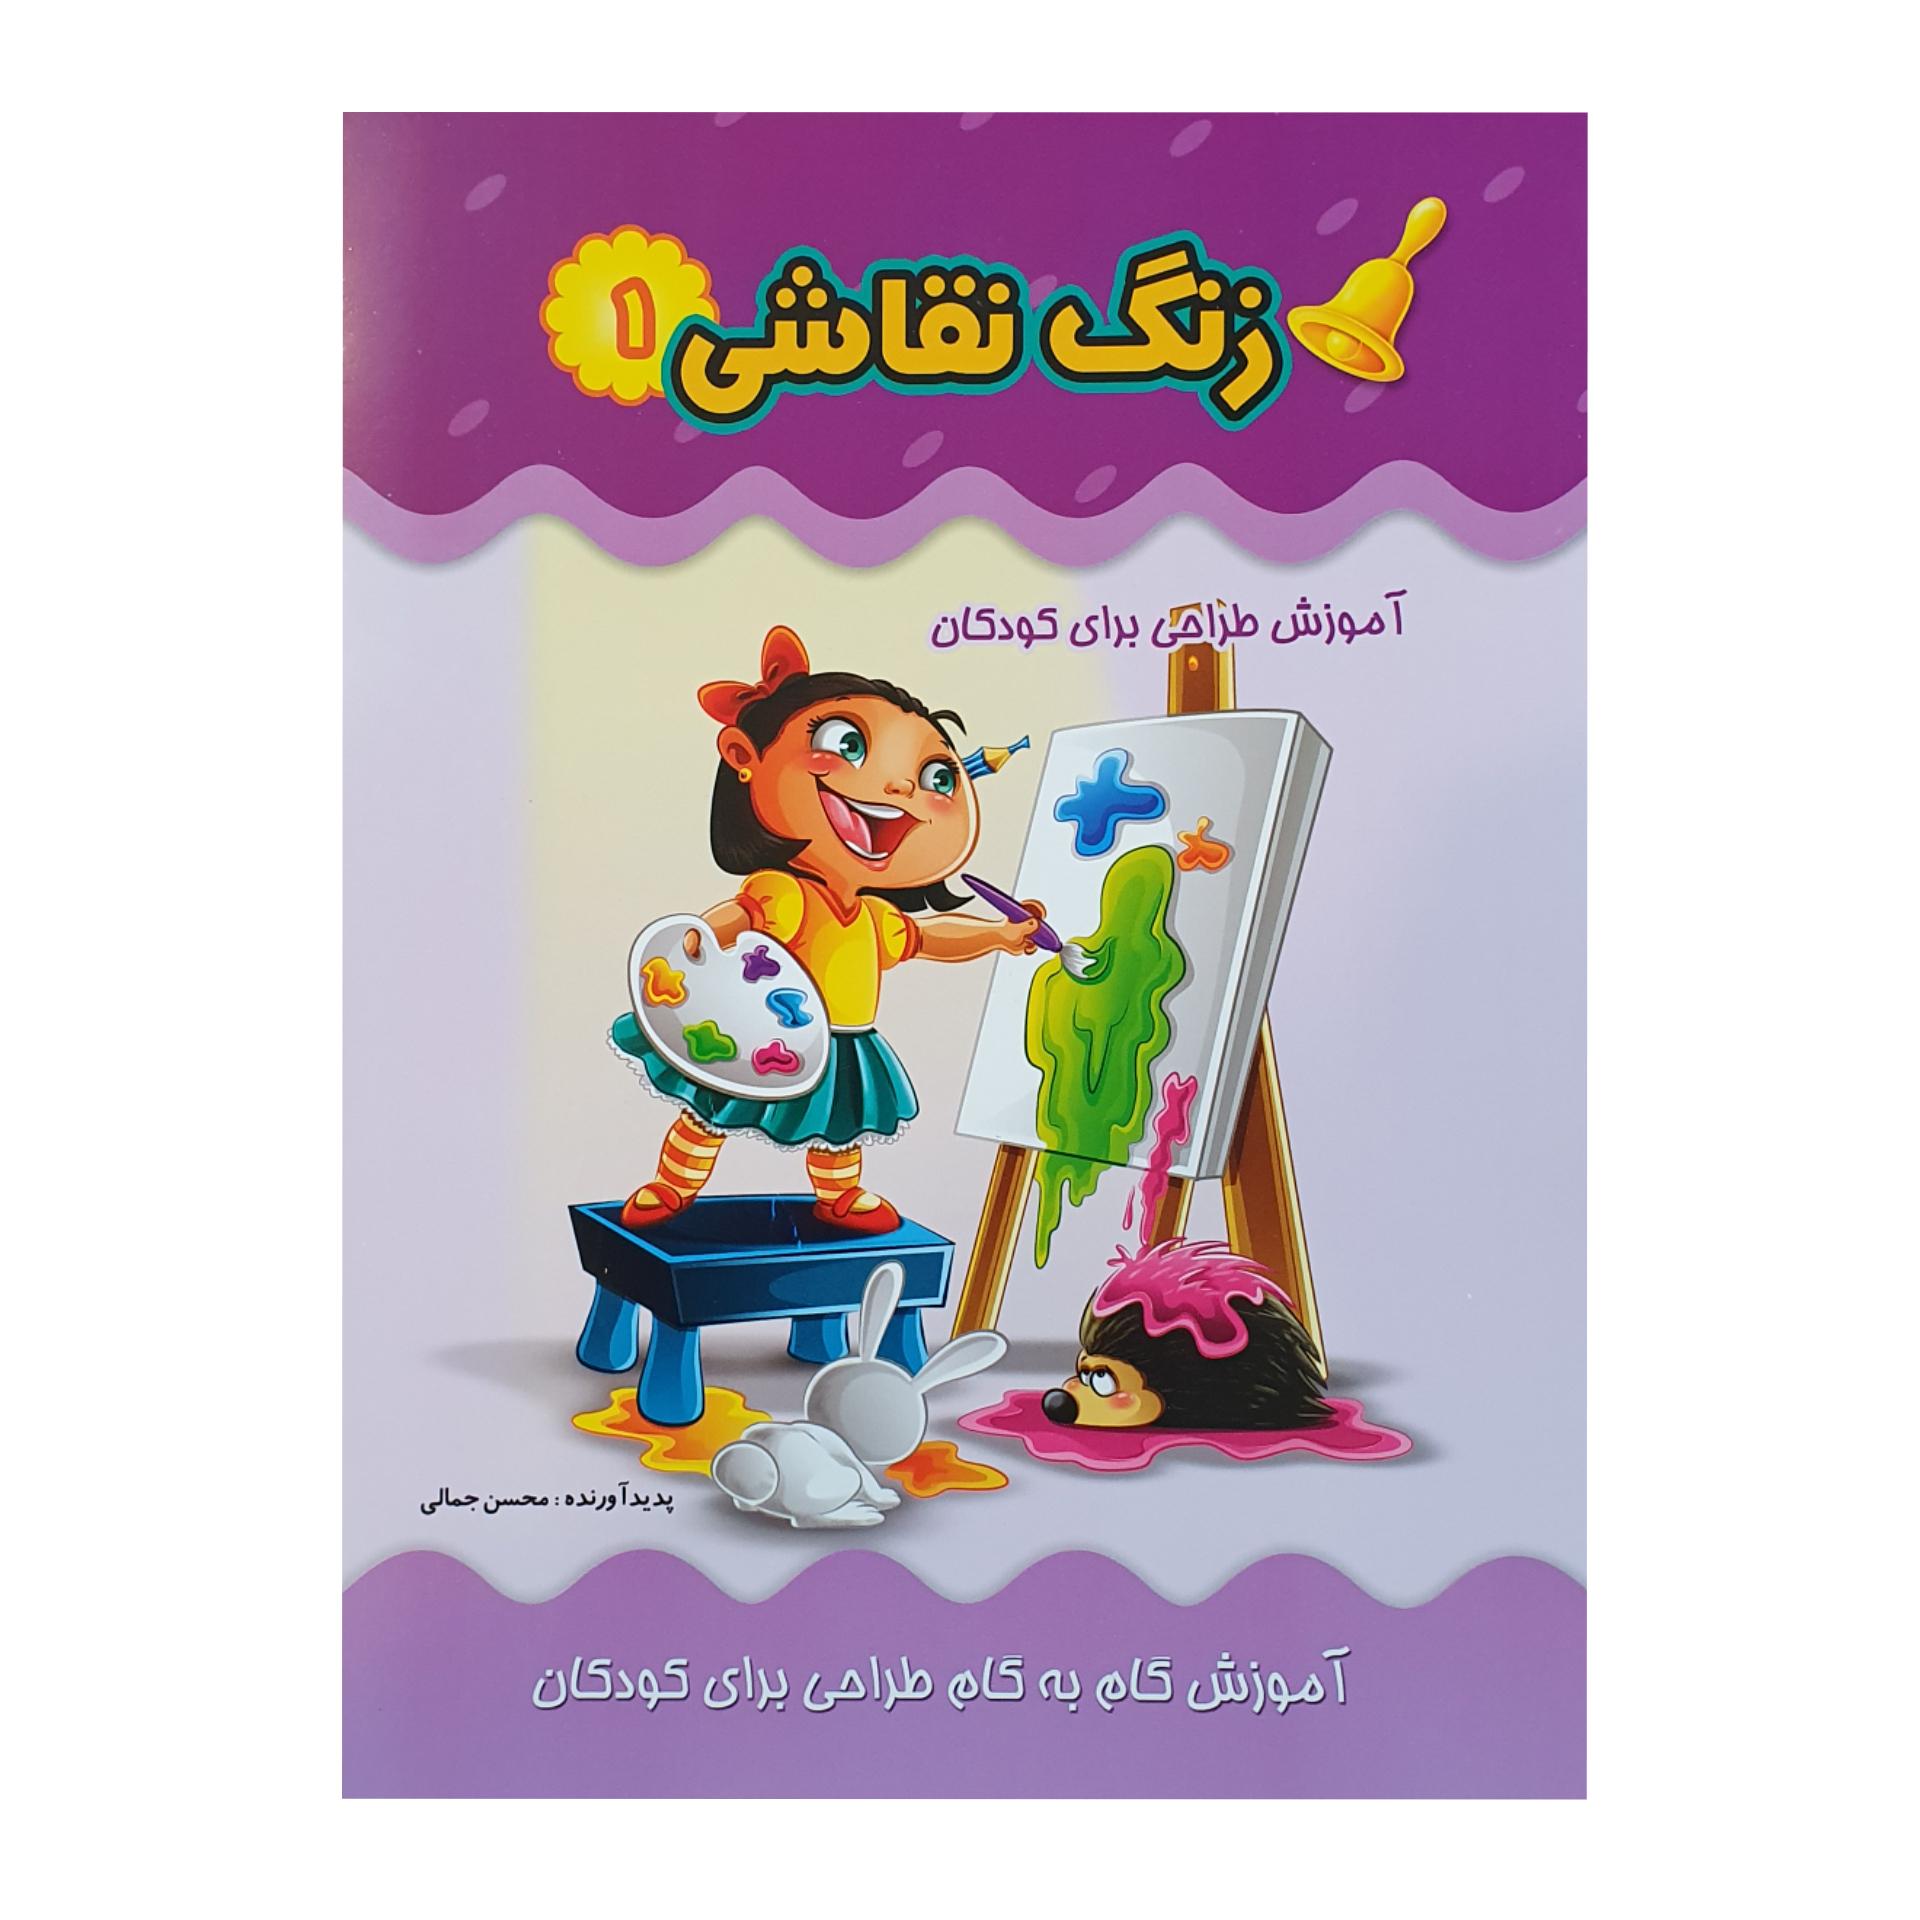 خرید                      کتاب زنگ نقاشی آموزش طراحی برای کودکان اثر محسن جمالی نشر آبشن جلد ۱